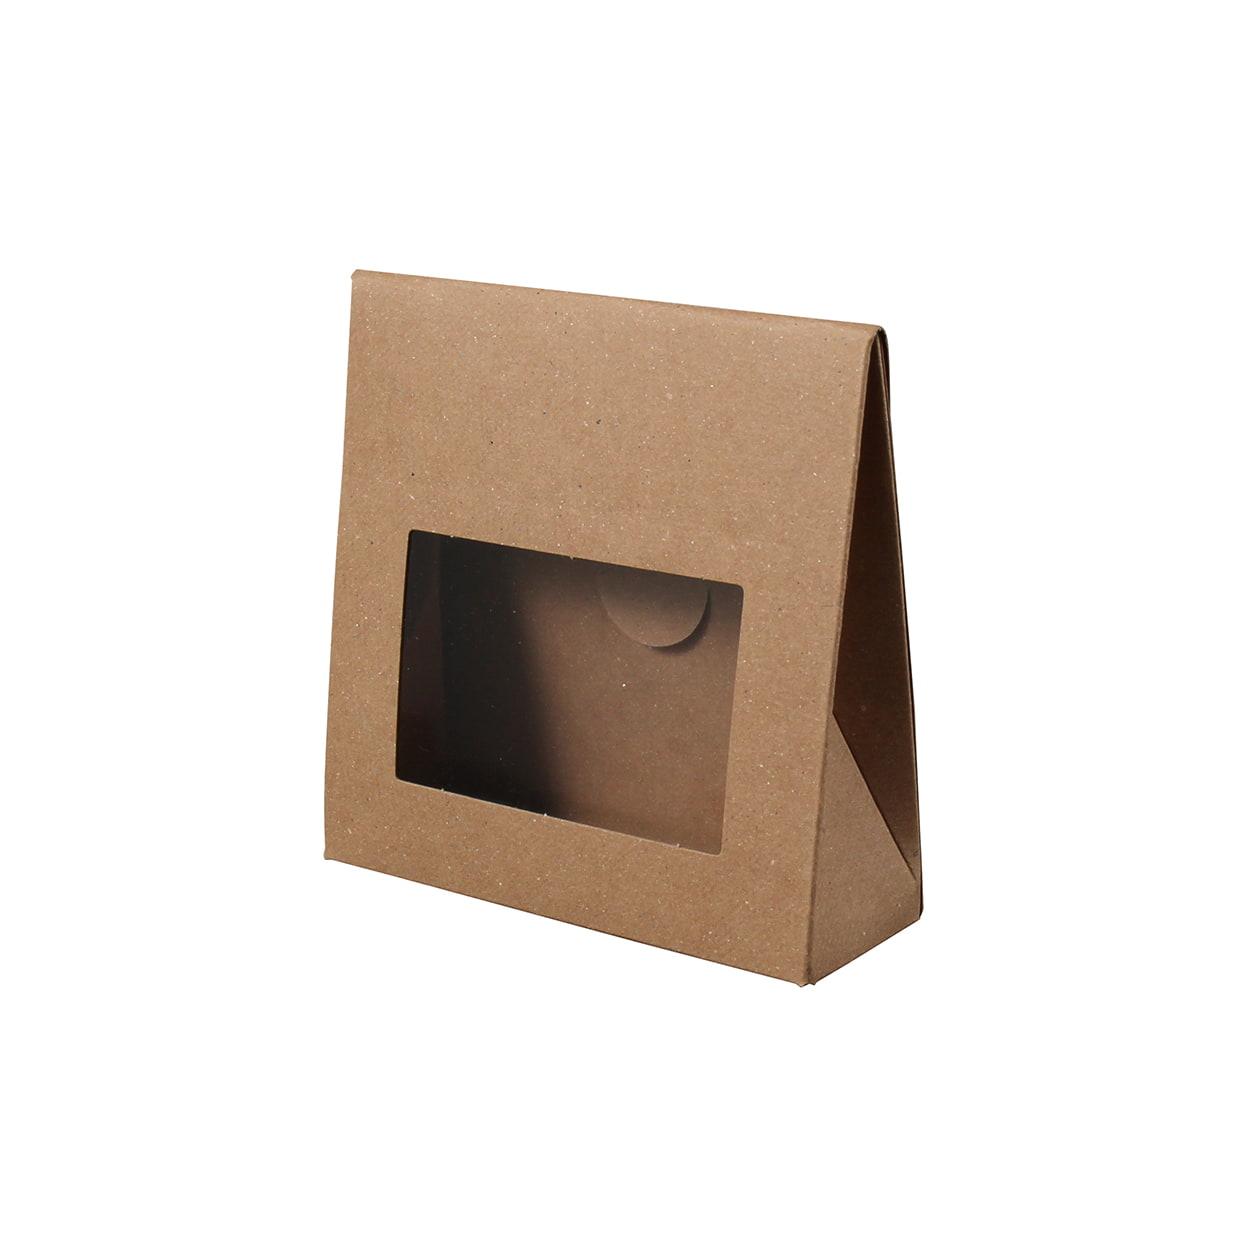 角底箱ロック式90×90×30 窓付 ボード紙 ブラウン 270g